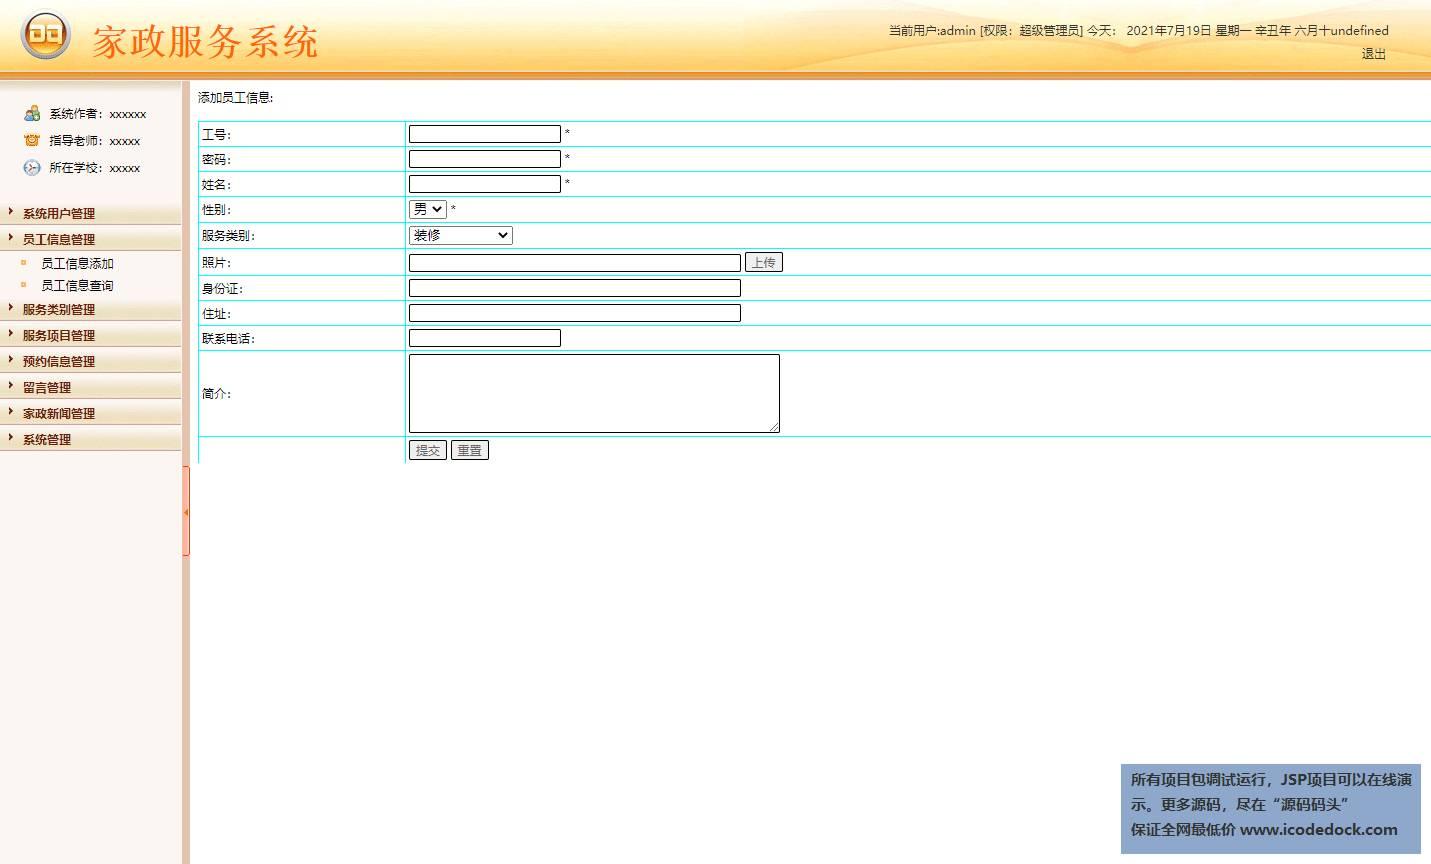 源码码头-JSP在线家政服务平台网站-管理员角色-员工信息管理